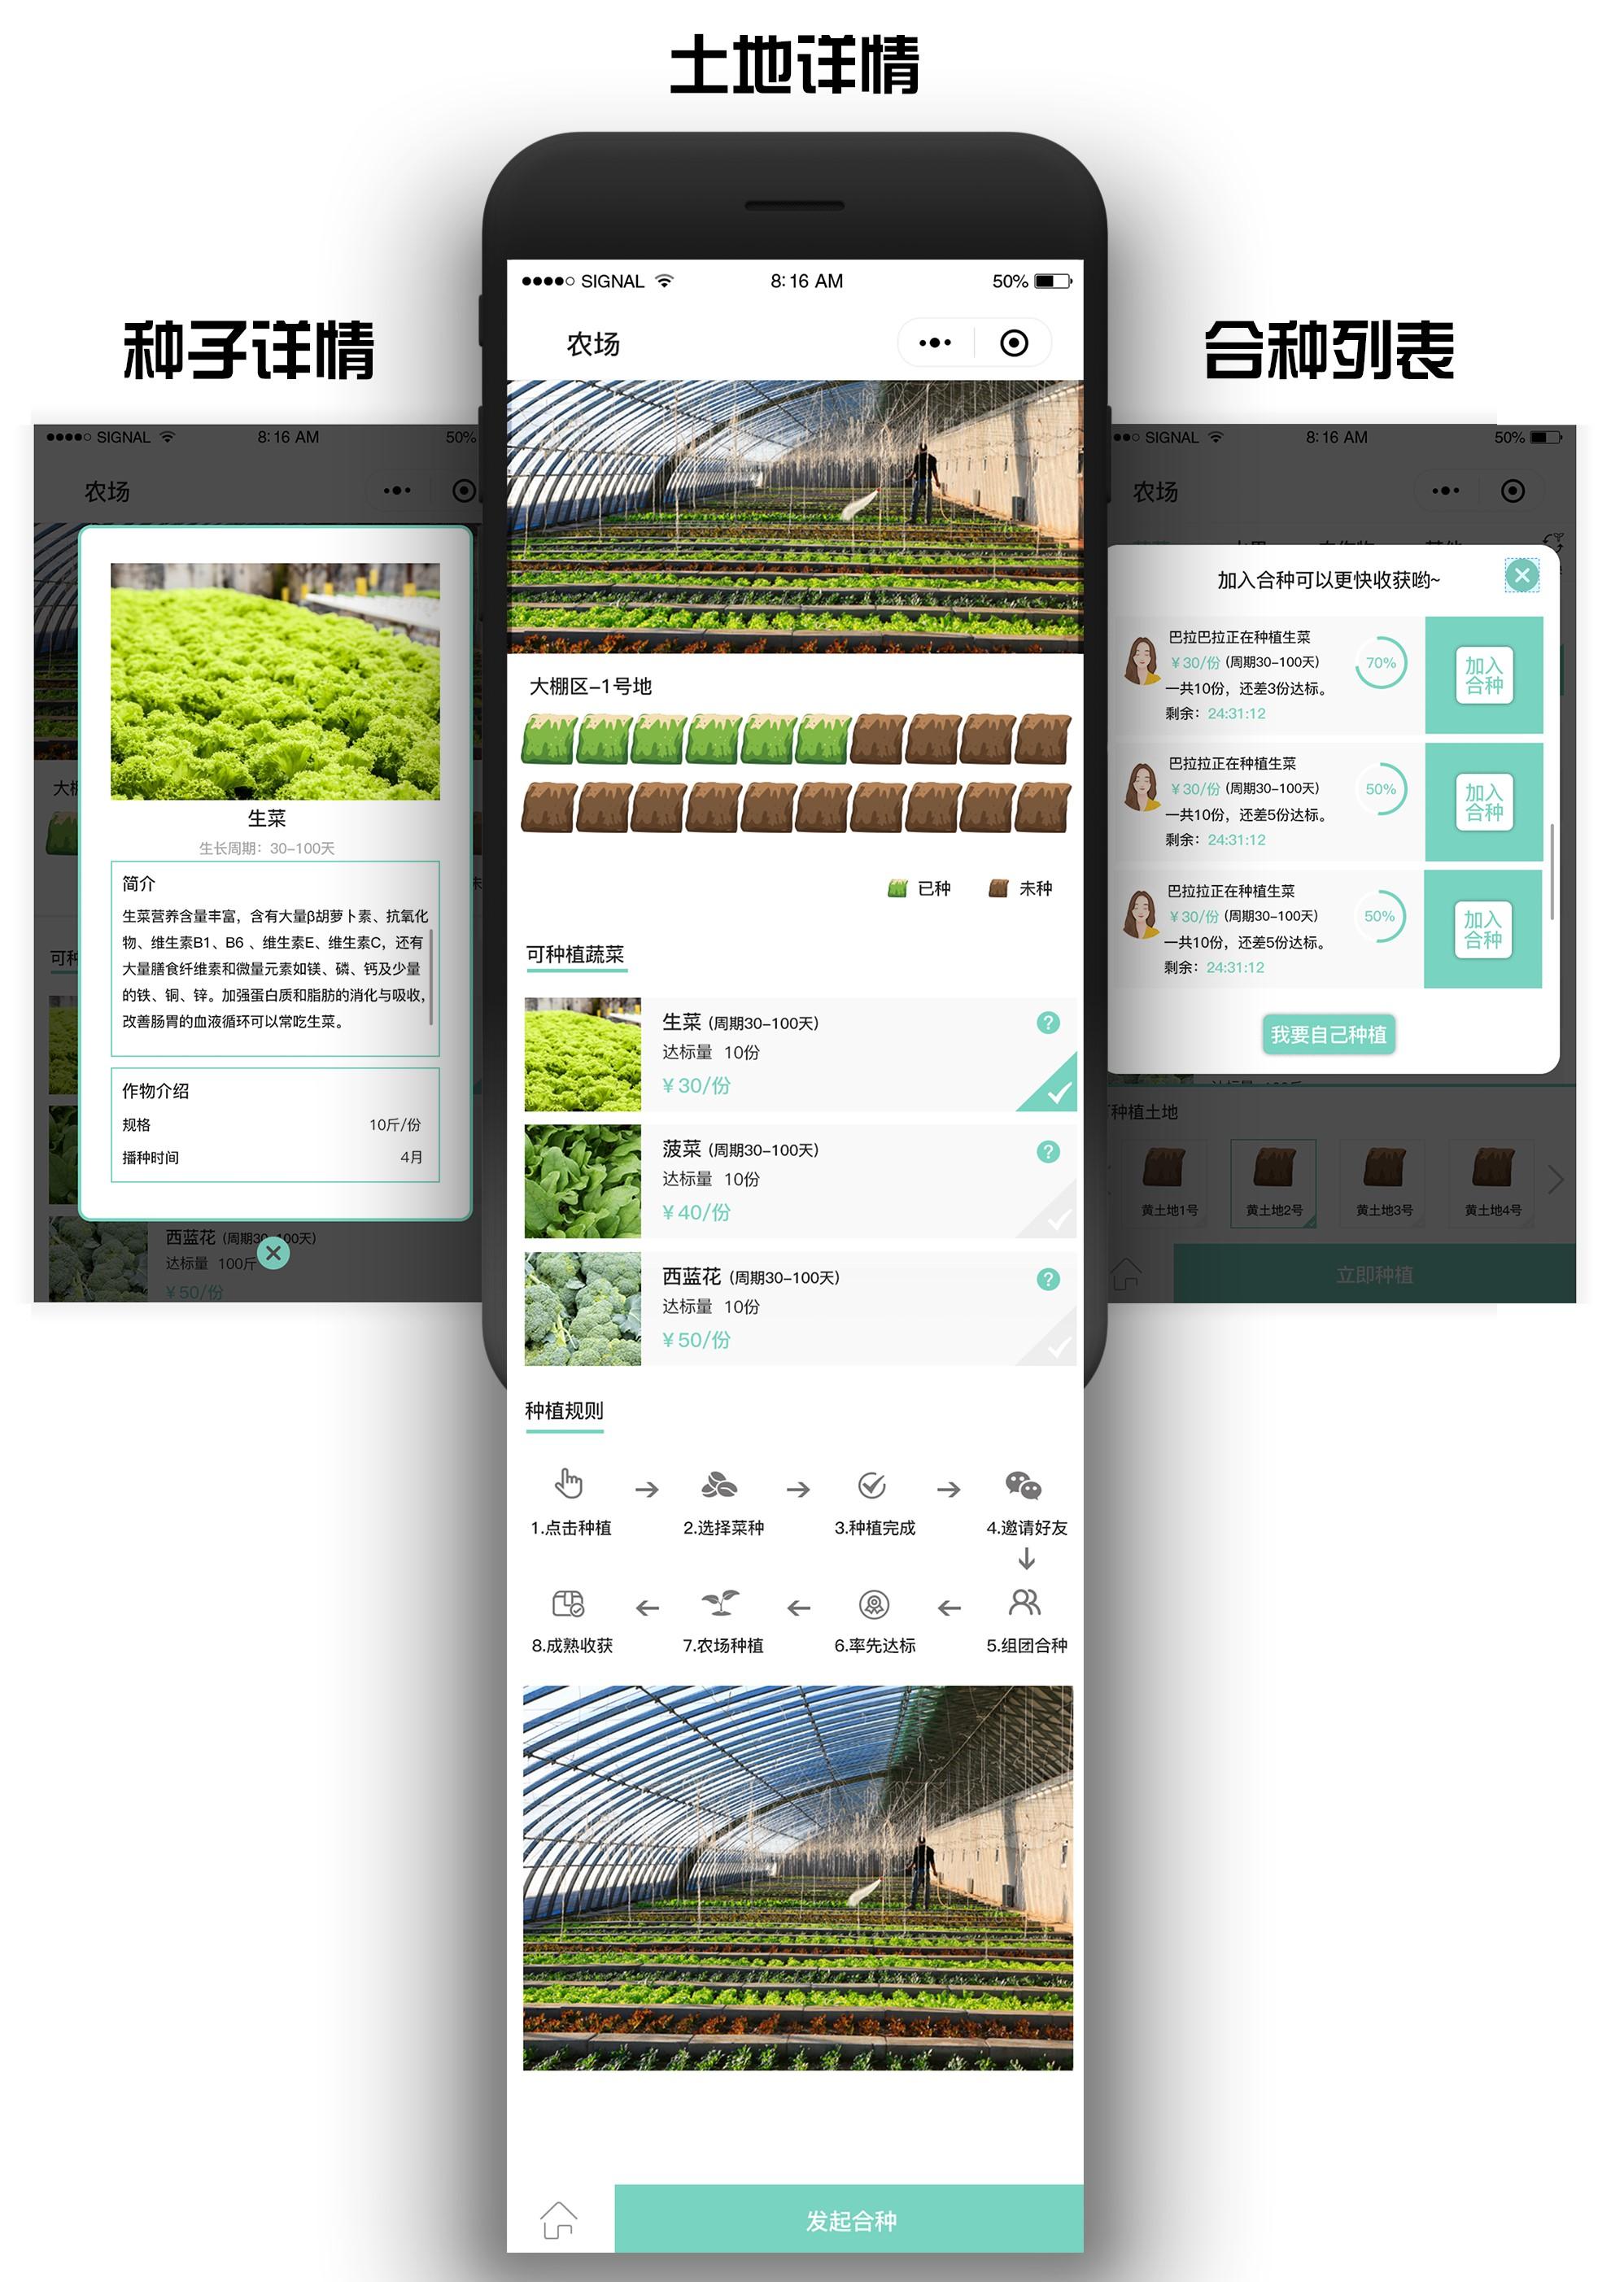 hezhong1111111.jpg